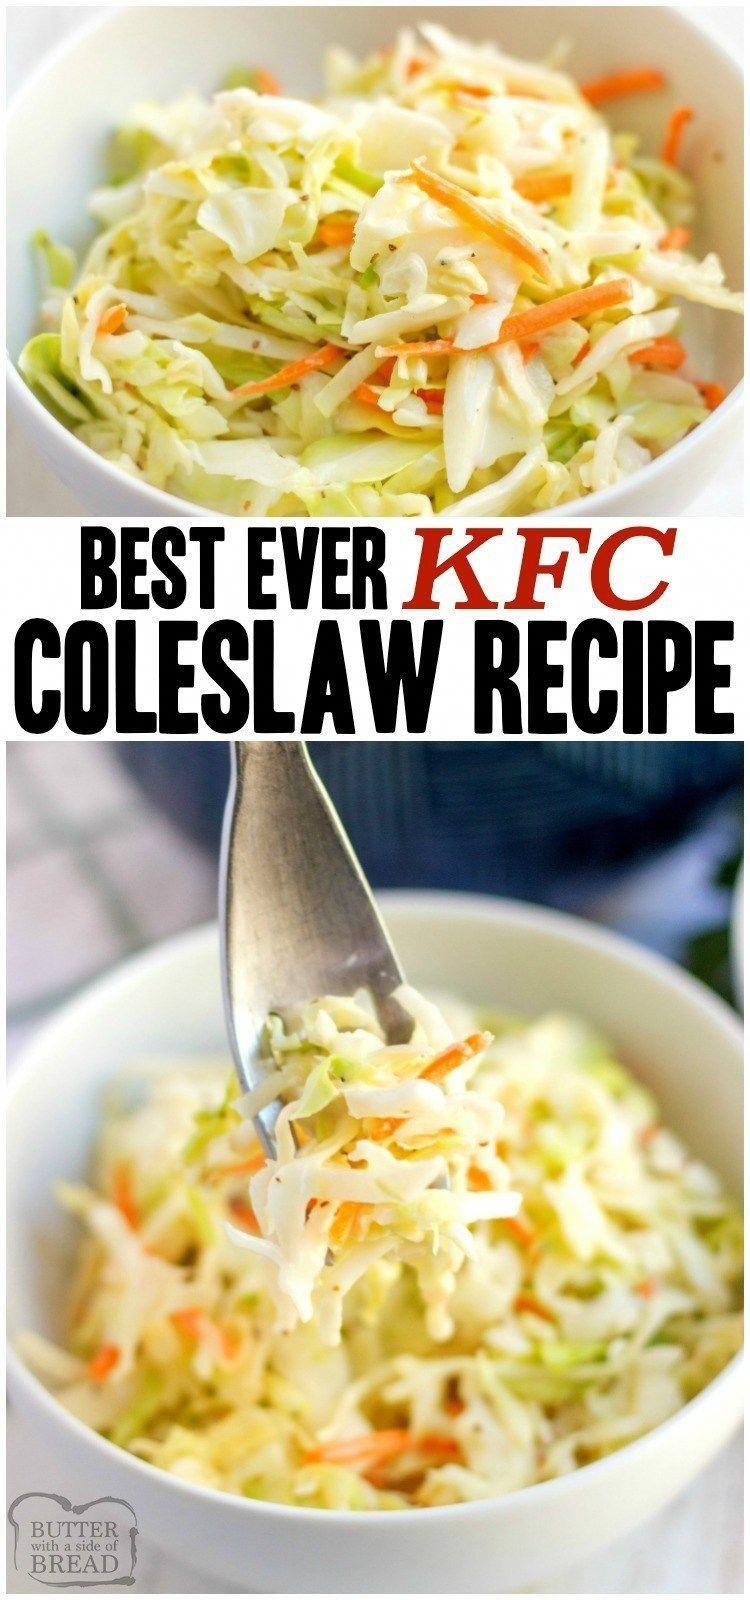 Apple Raspberry Crispness Healthy Food Mom Recipe In 2020 Coleslaw Recipe Easy Coleslaw Best Coleslaw Recipe